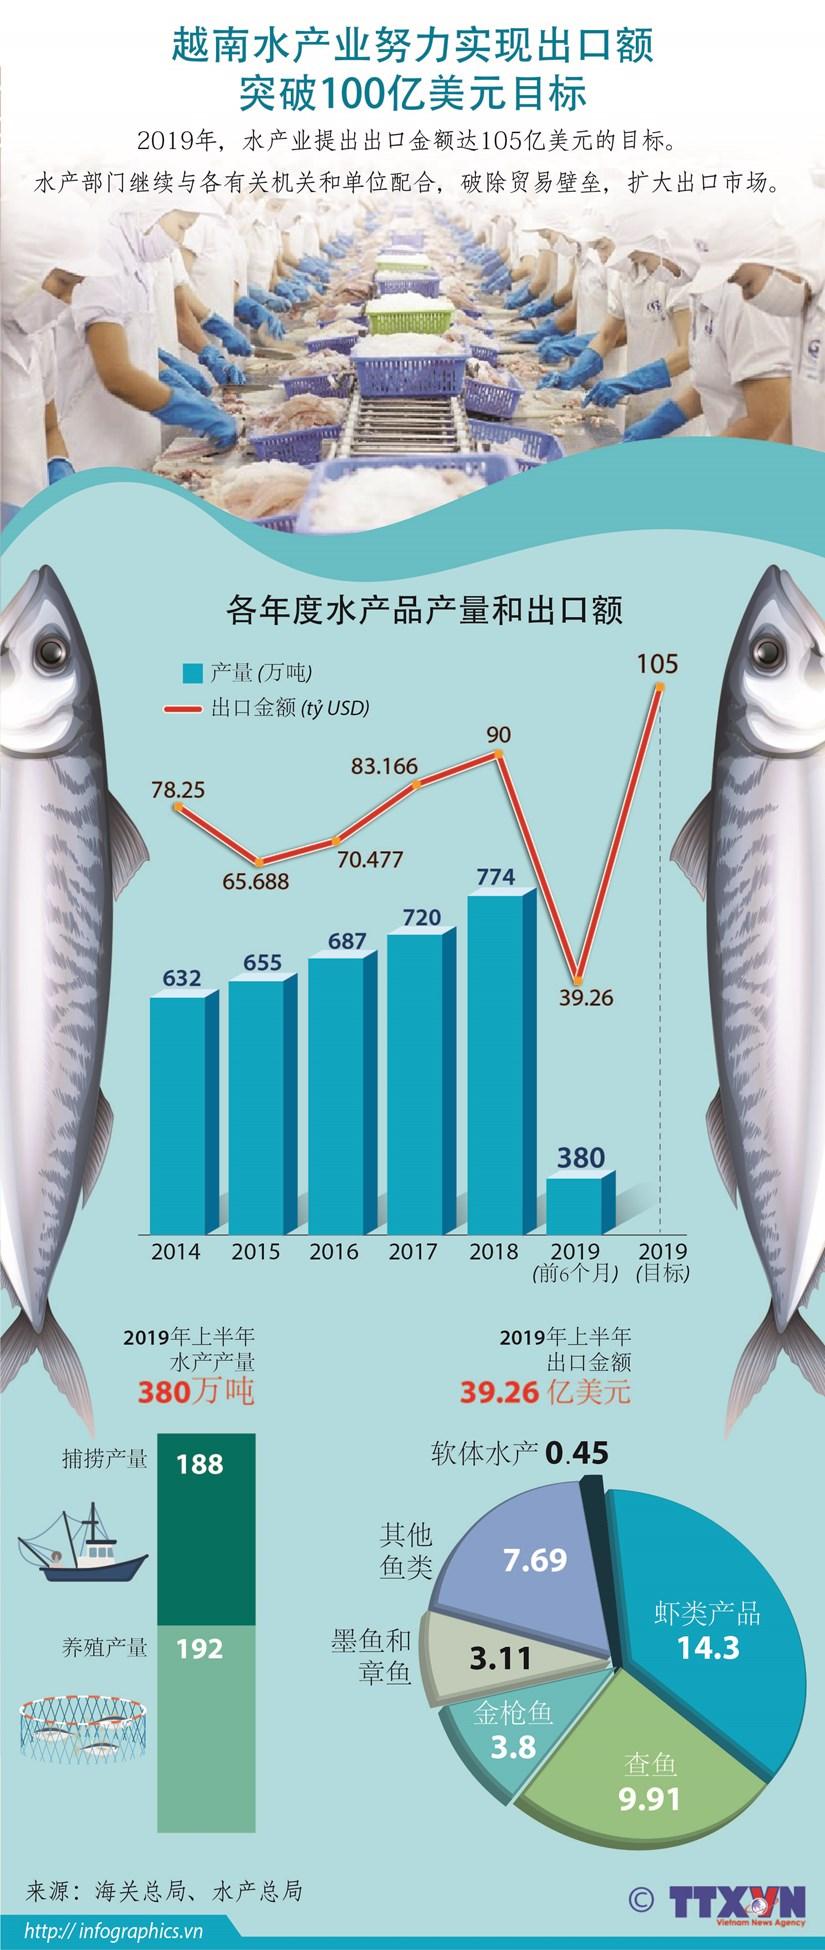 图表新闻:越南水产业努力实现出口额突破100亿美元目标 hinh anh 1